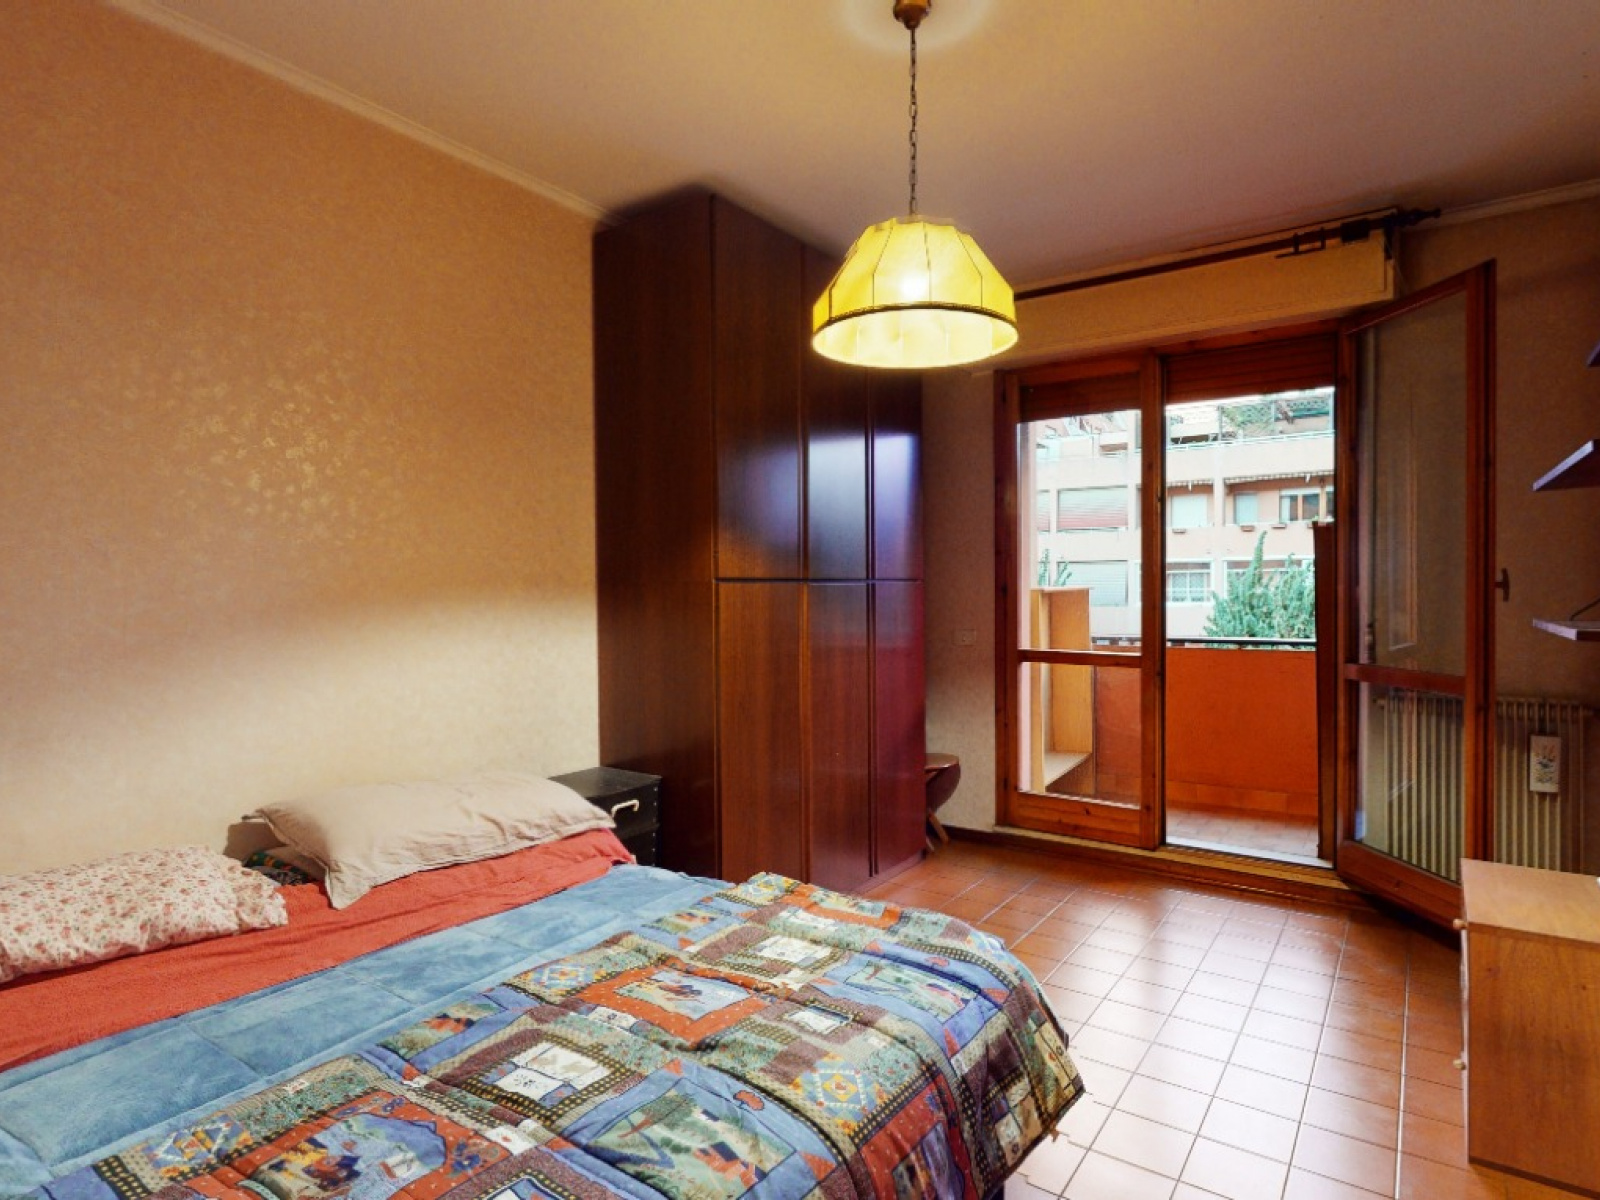 In vendita Quadrilocale Zona Laurentina Montagnola Roma   camera matrimoniale